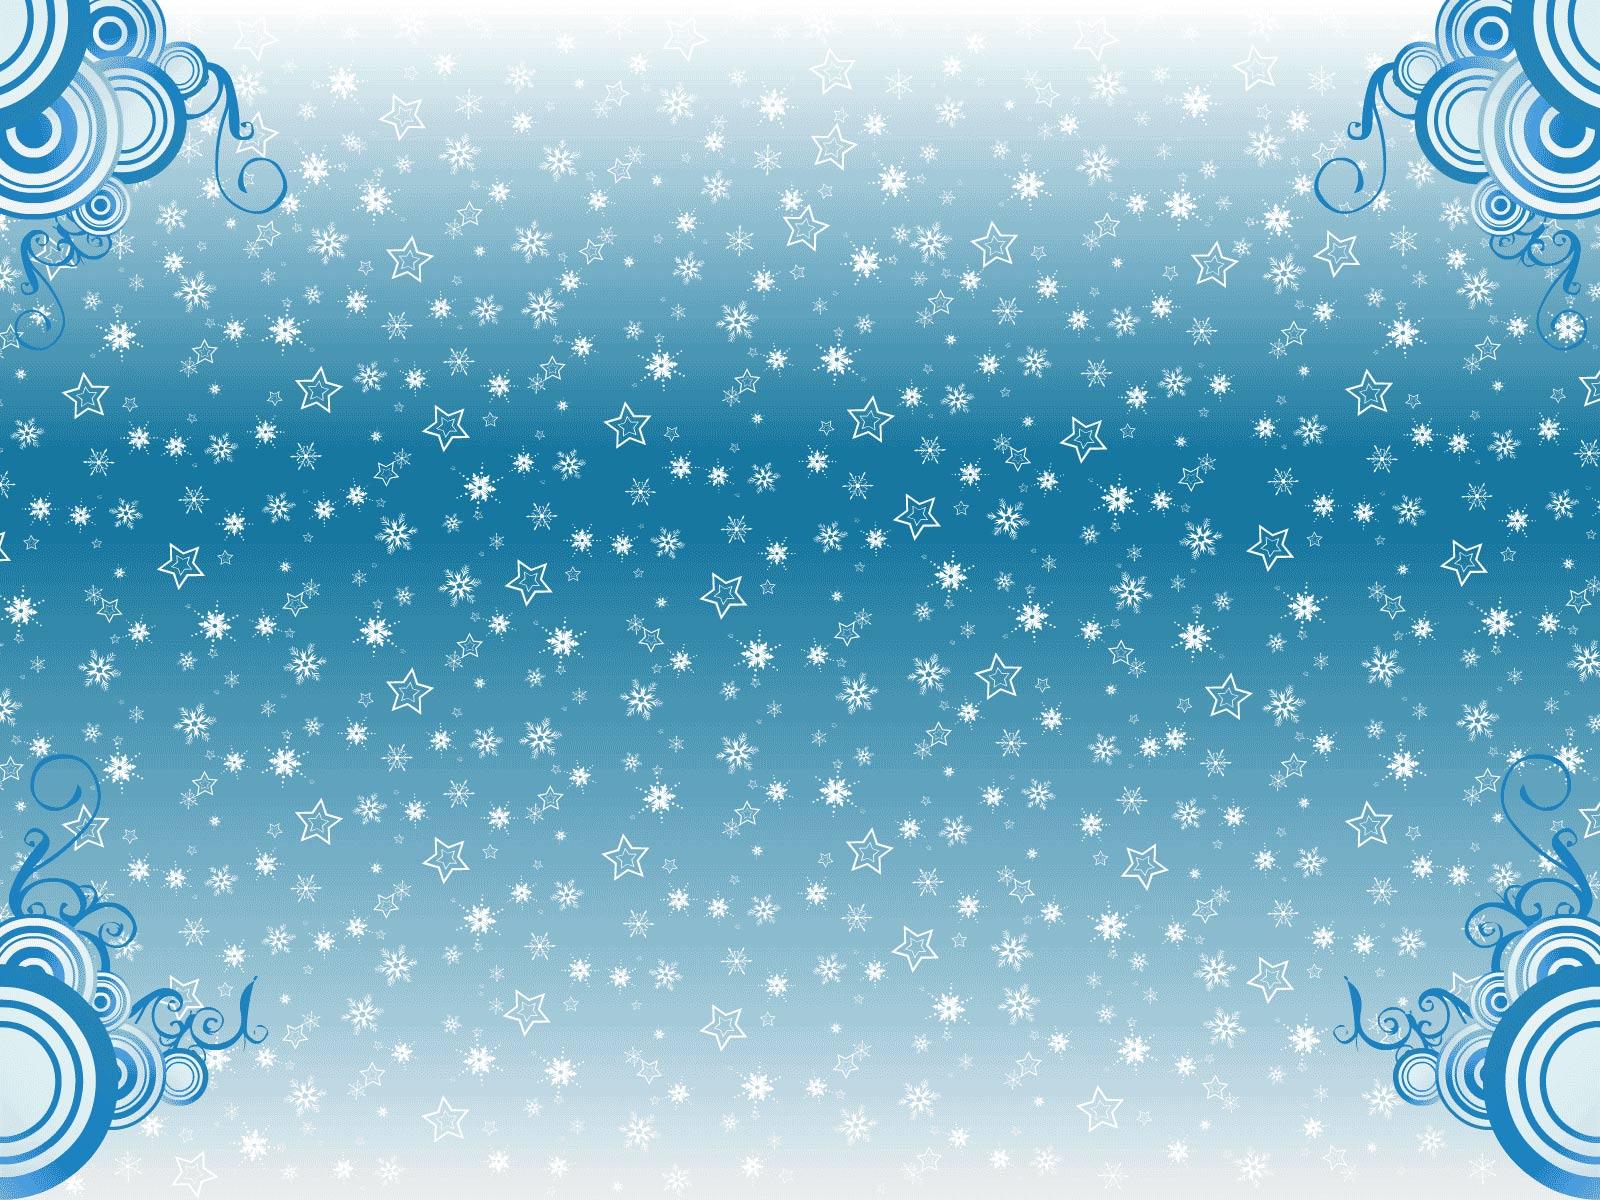 Best Winter WallpapersComputer Wallpaper 1600x1200